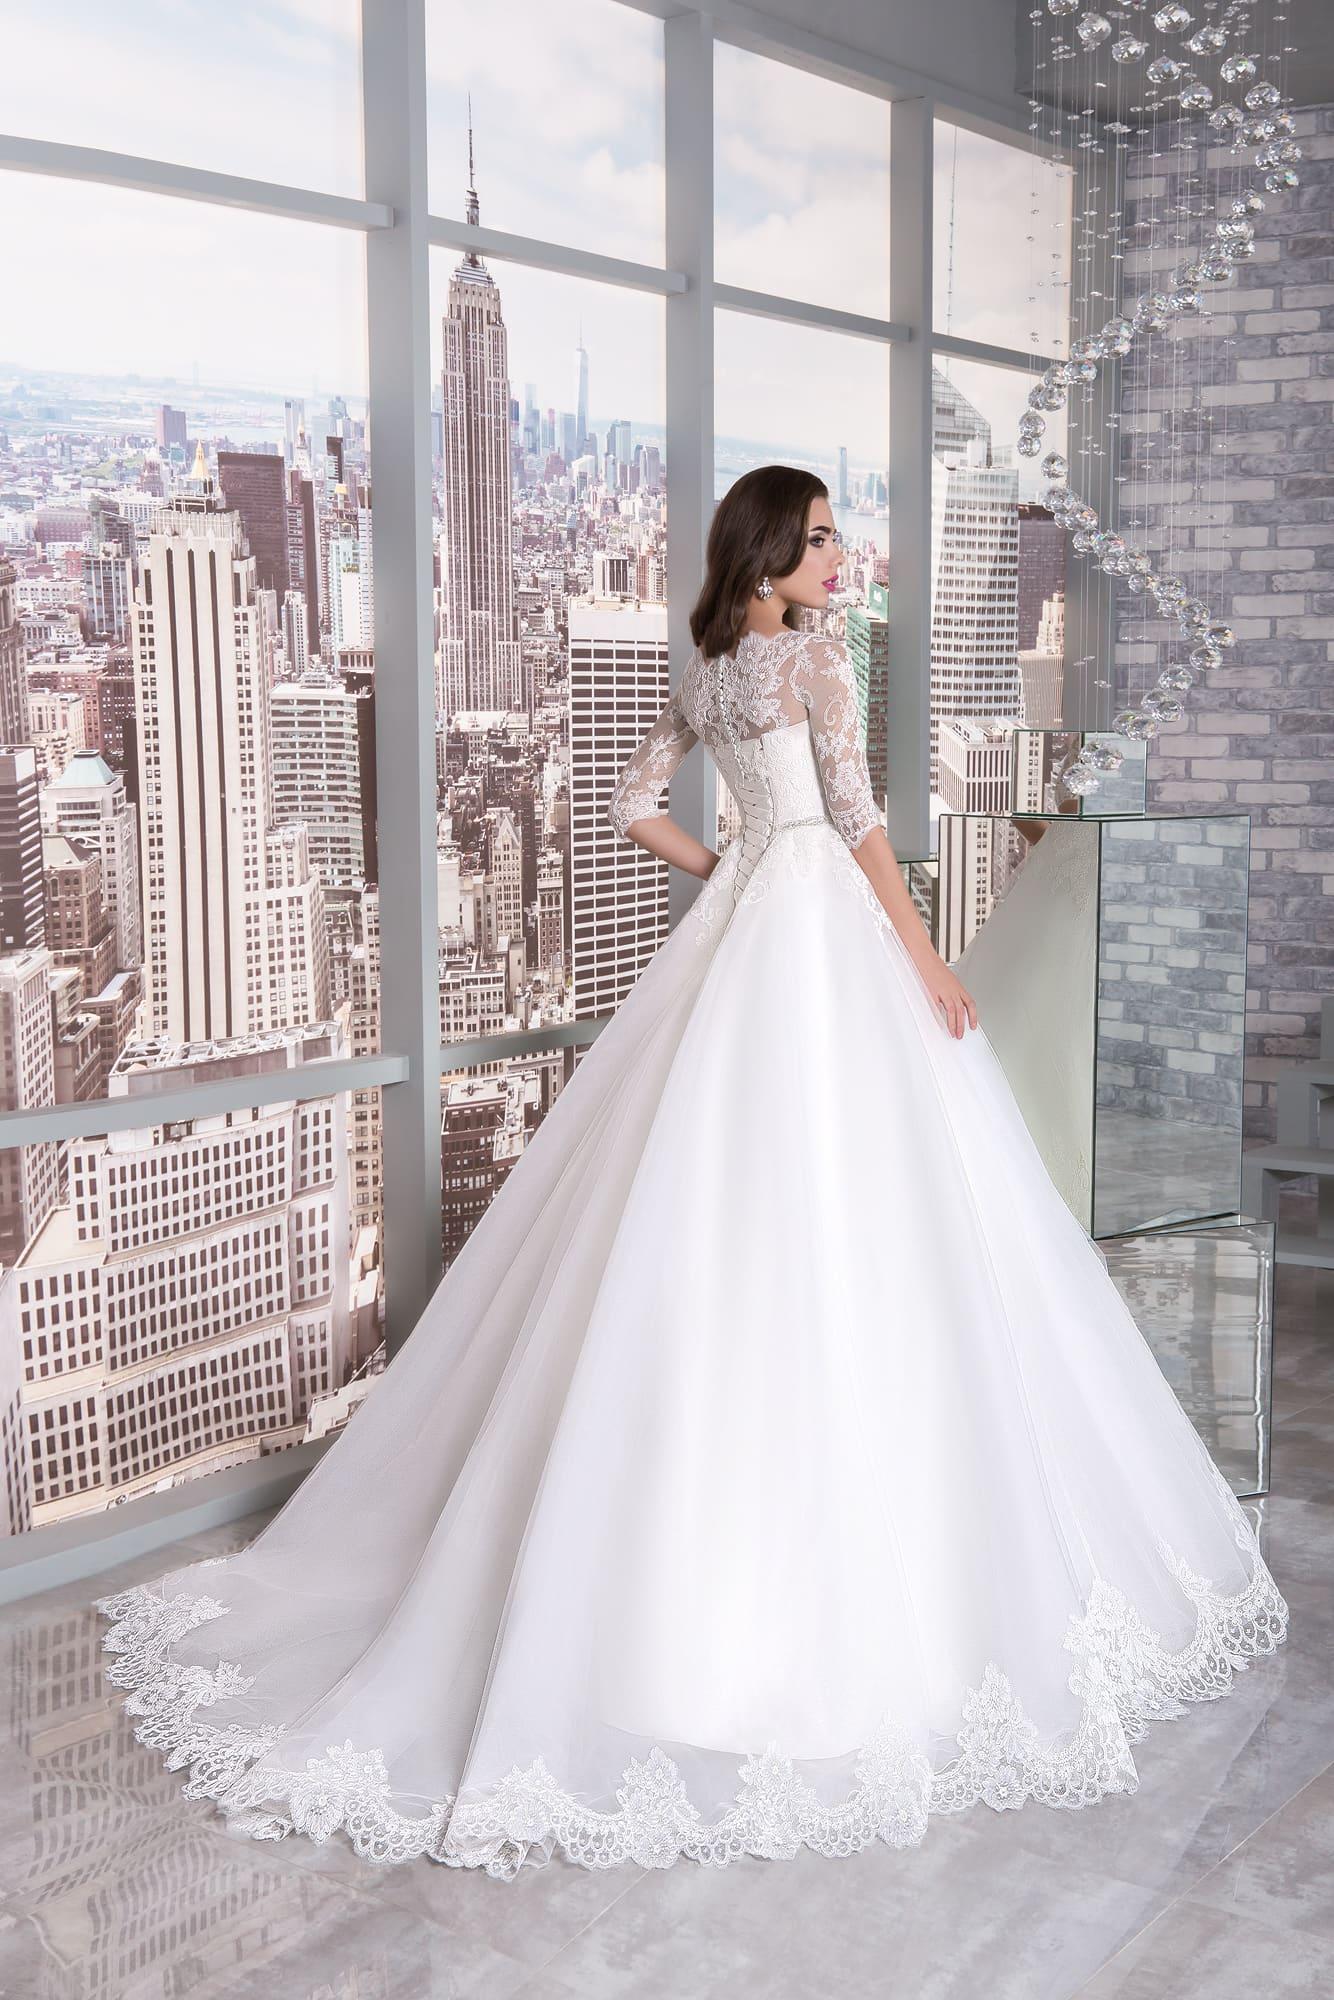 Свадебное платье с кружевным рукавом до локтя и длинным шлейфом.